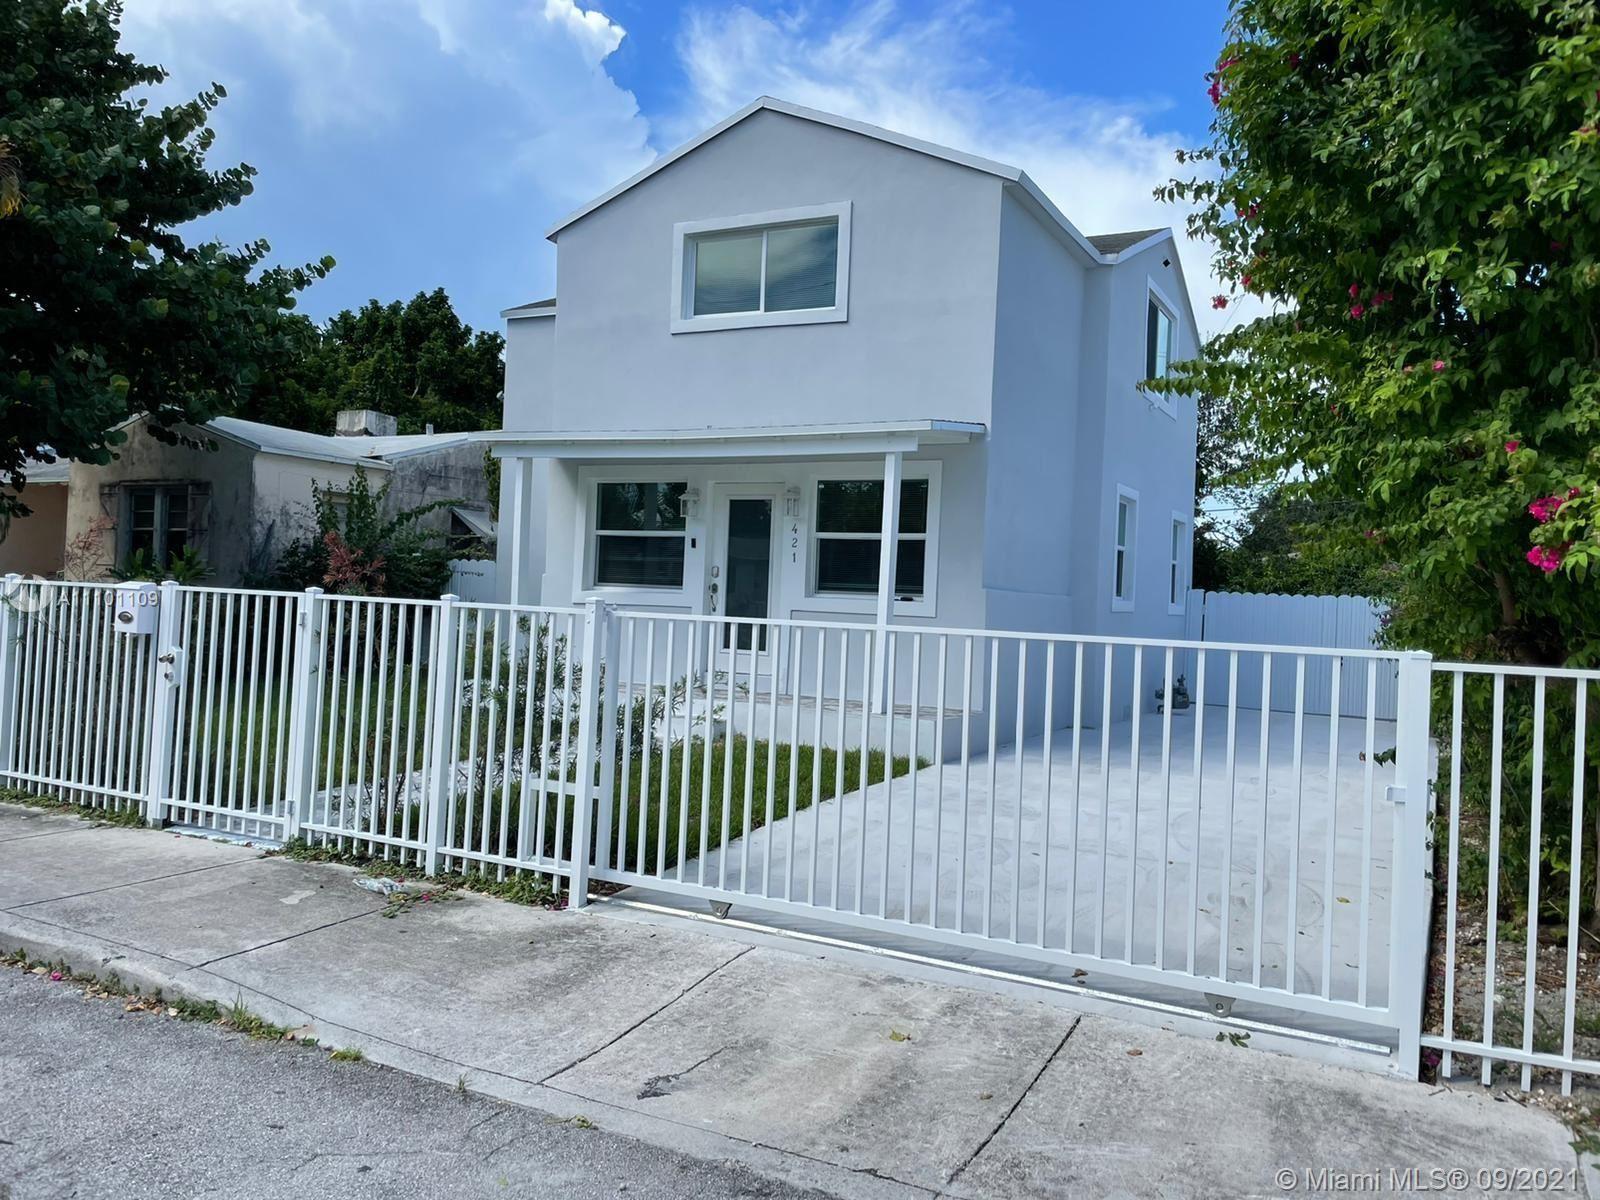 421 NW 44th St, Miami, FL 33127 - #: A11101109